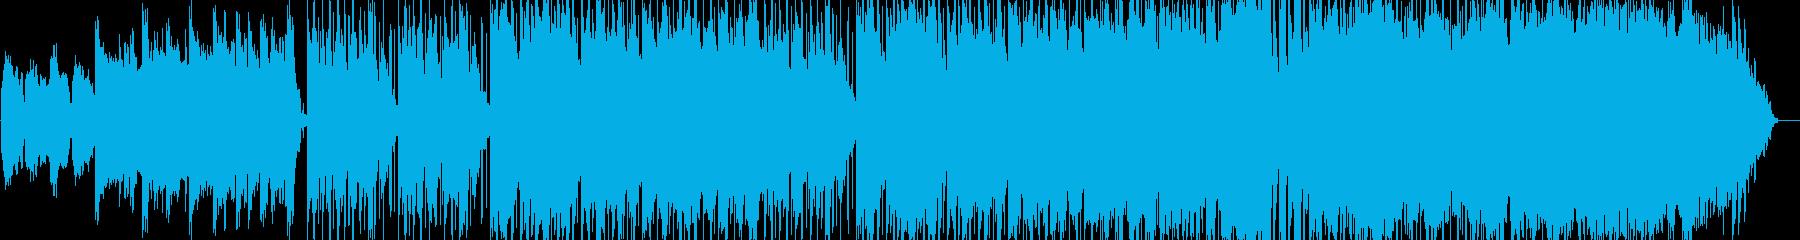 クリスマスをイメージしたインストBGMの再生済みの波形